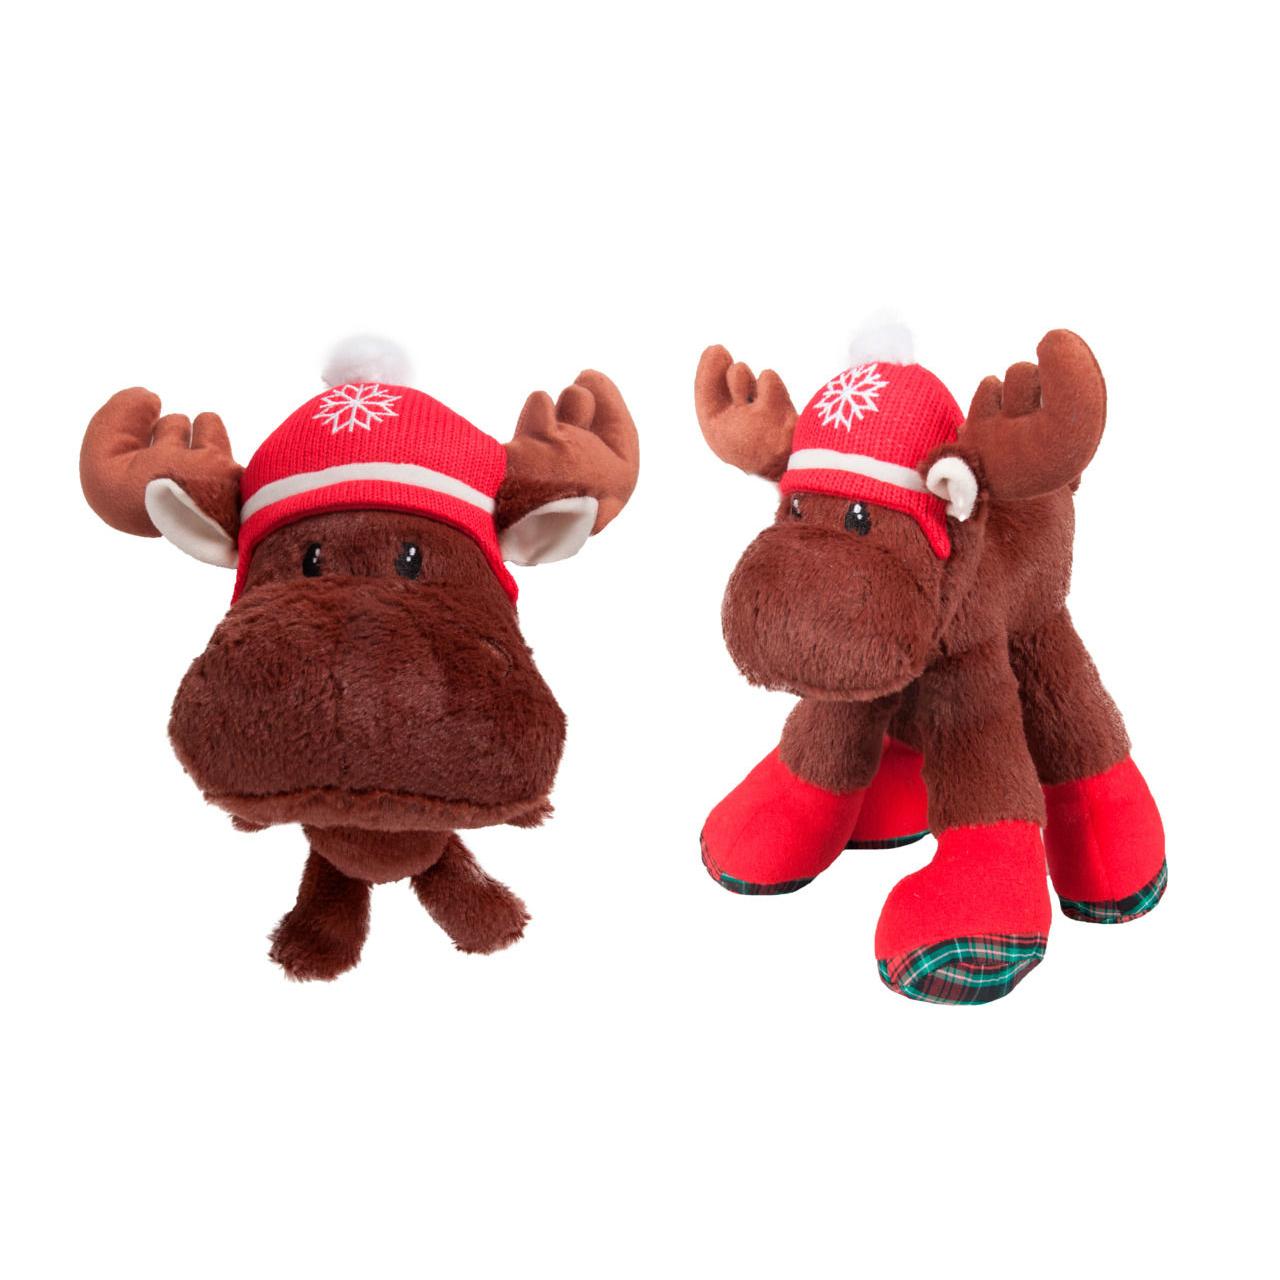 Karlie Hunde Weihnachtsspielzeug Plüsch, 29 cm Elch